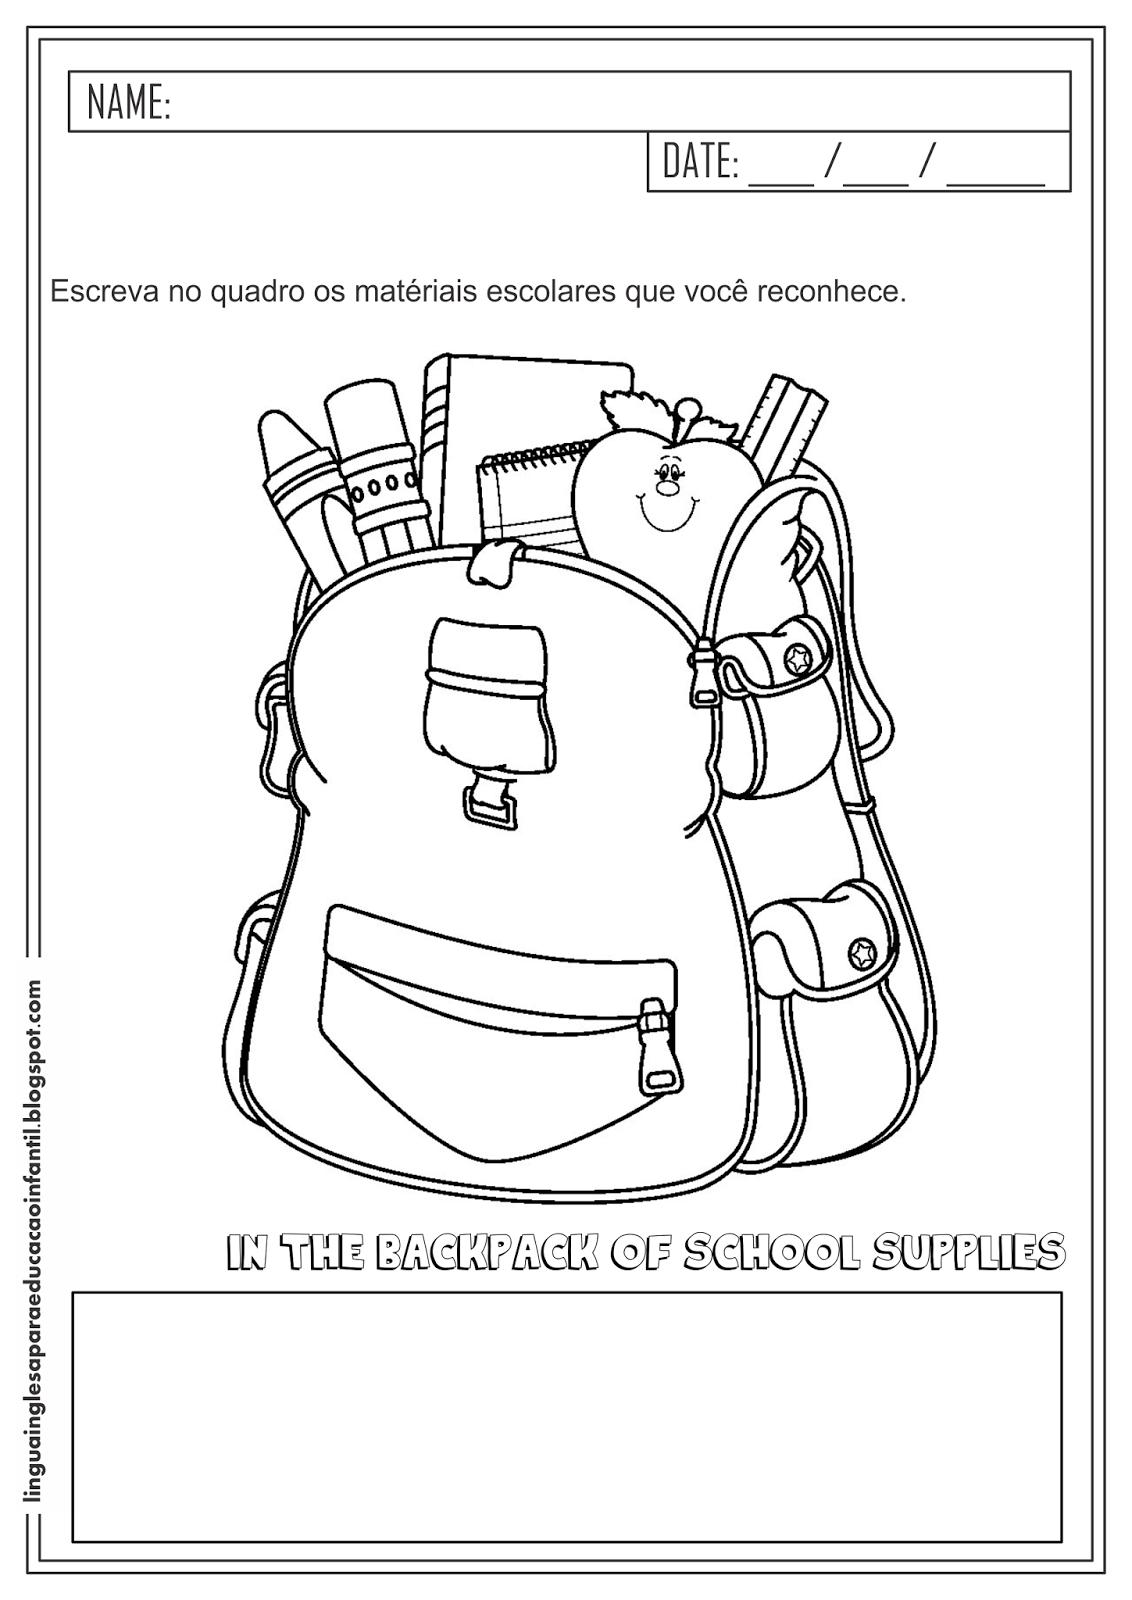 Atividade de inglês - vocabulário escolar para educação infantil